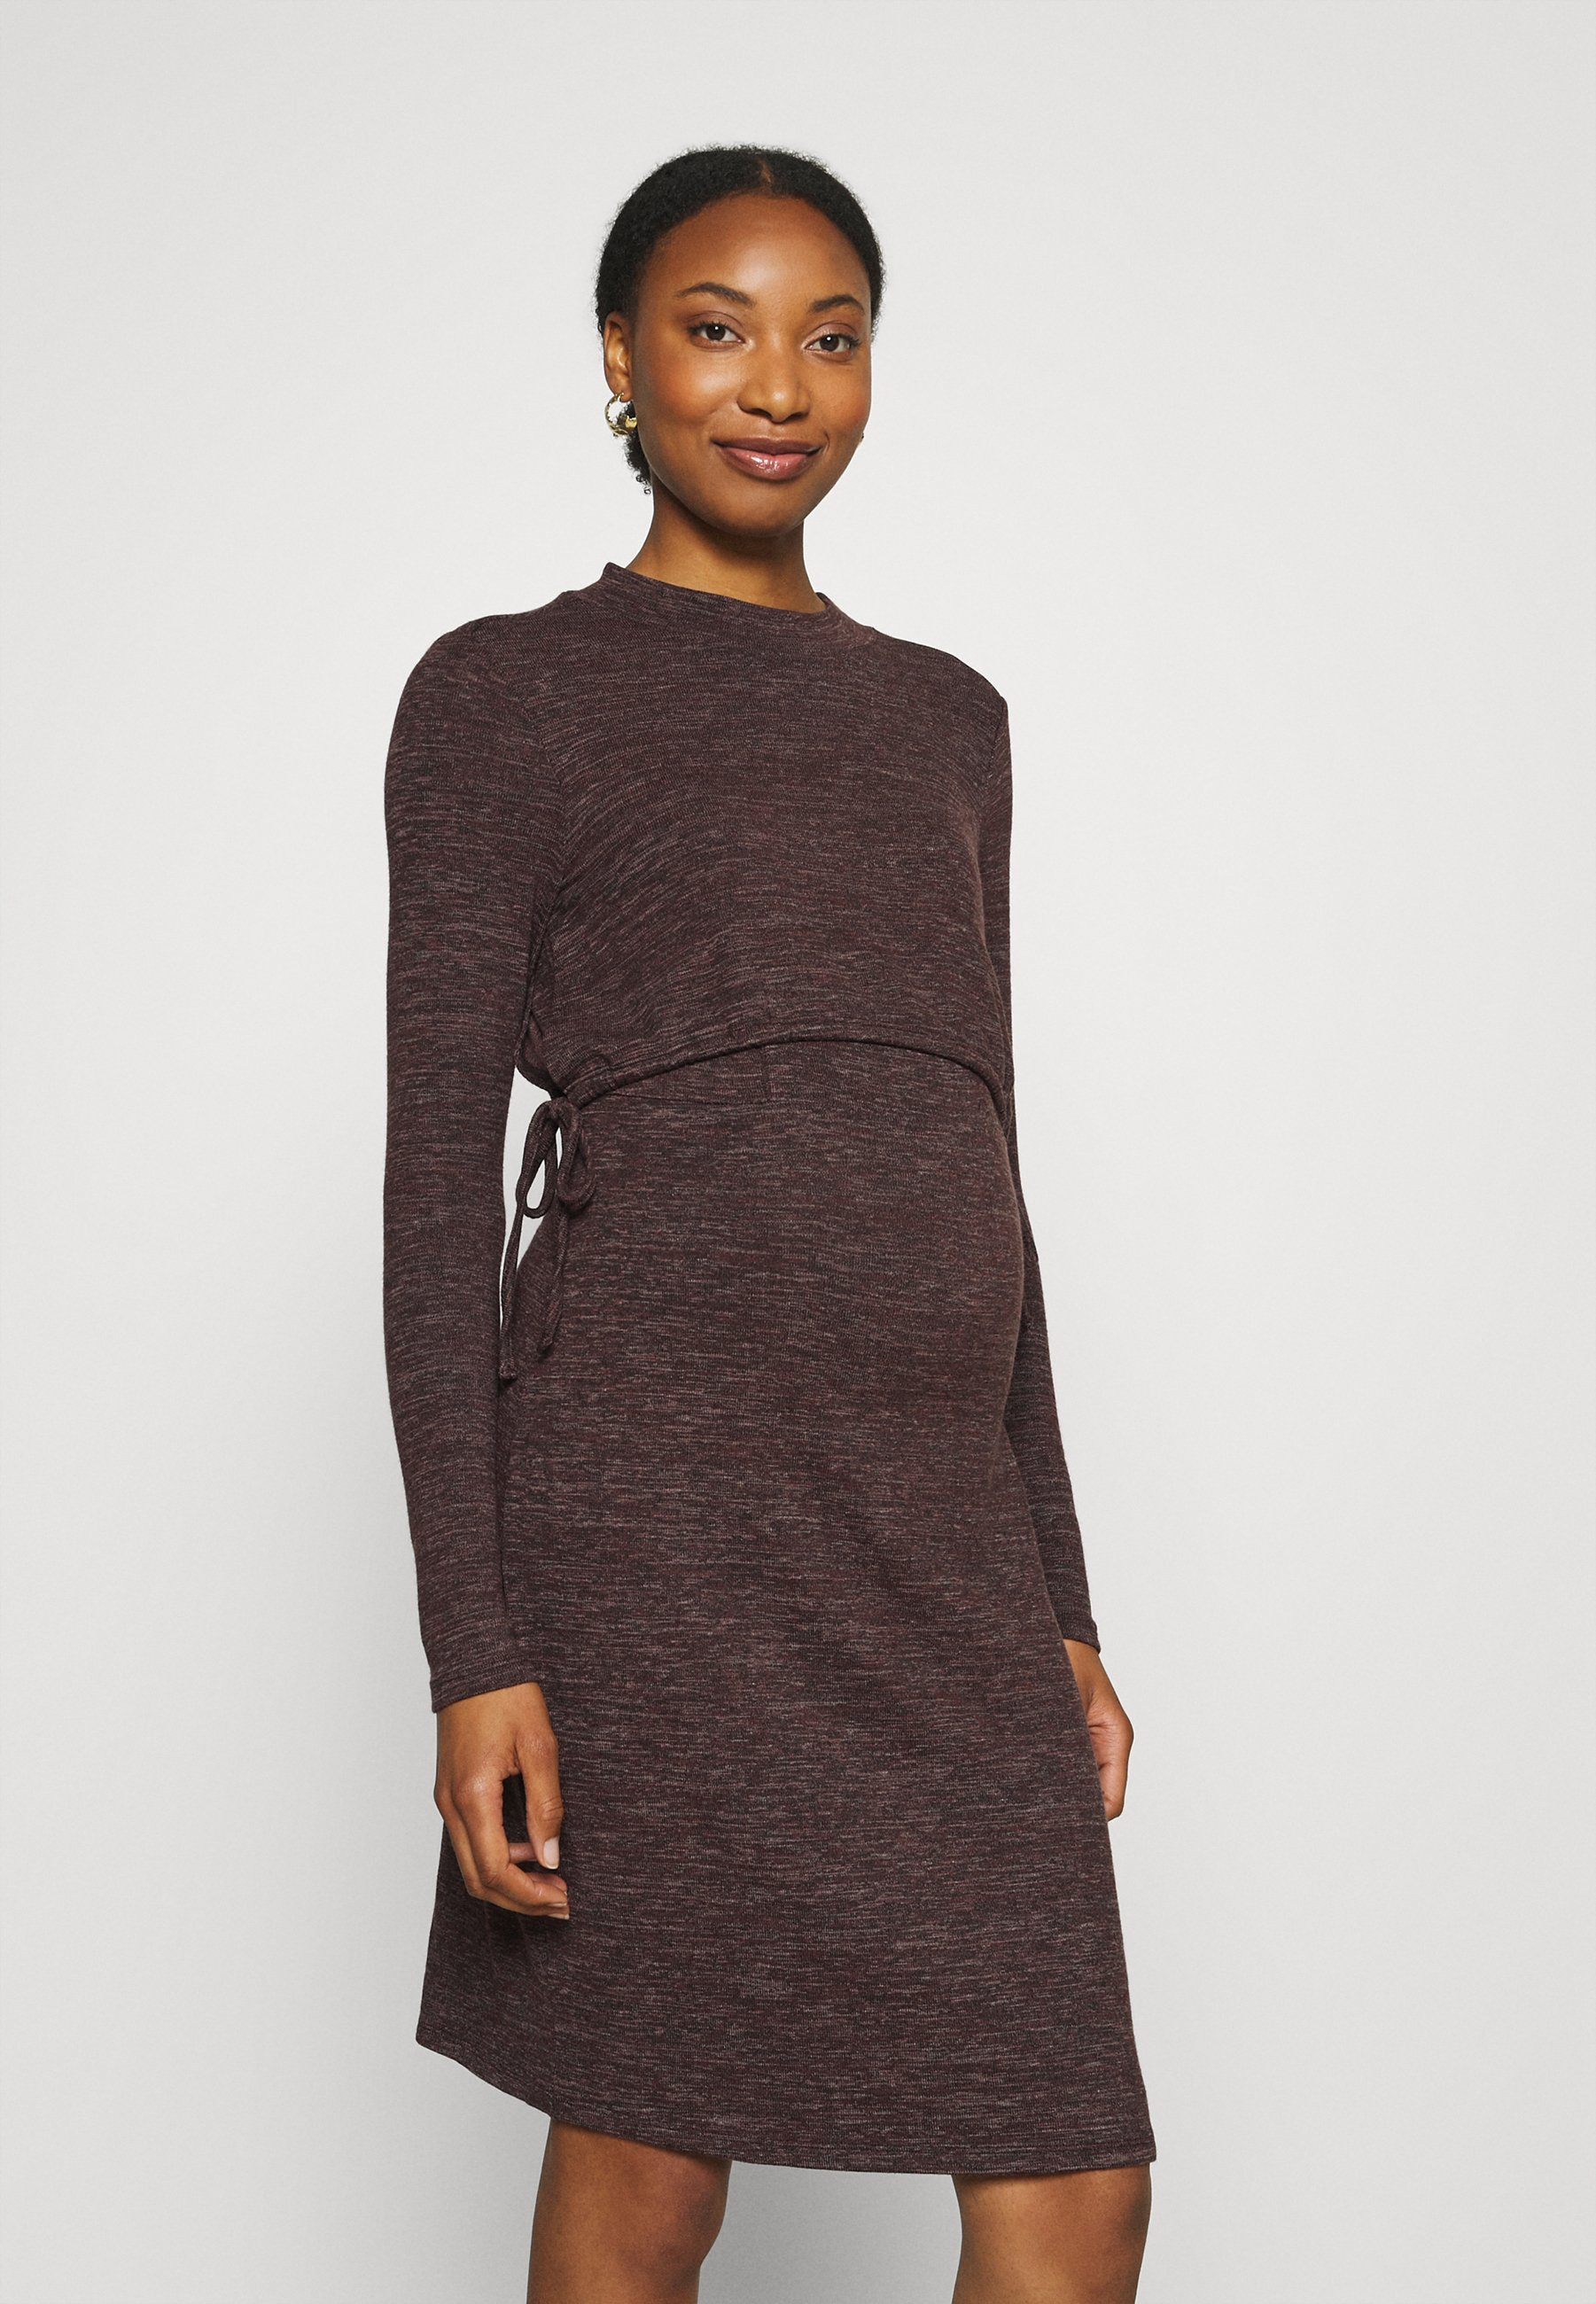 Donna DRESS NURSING - Abito in maglia